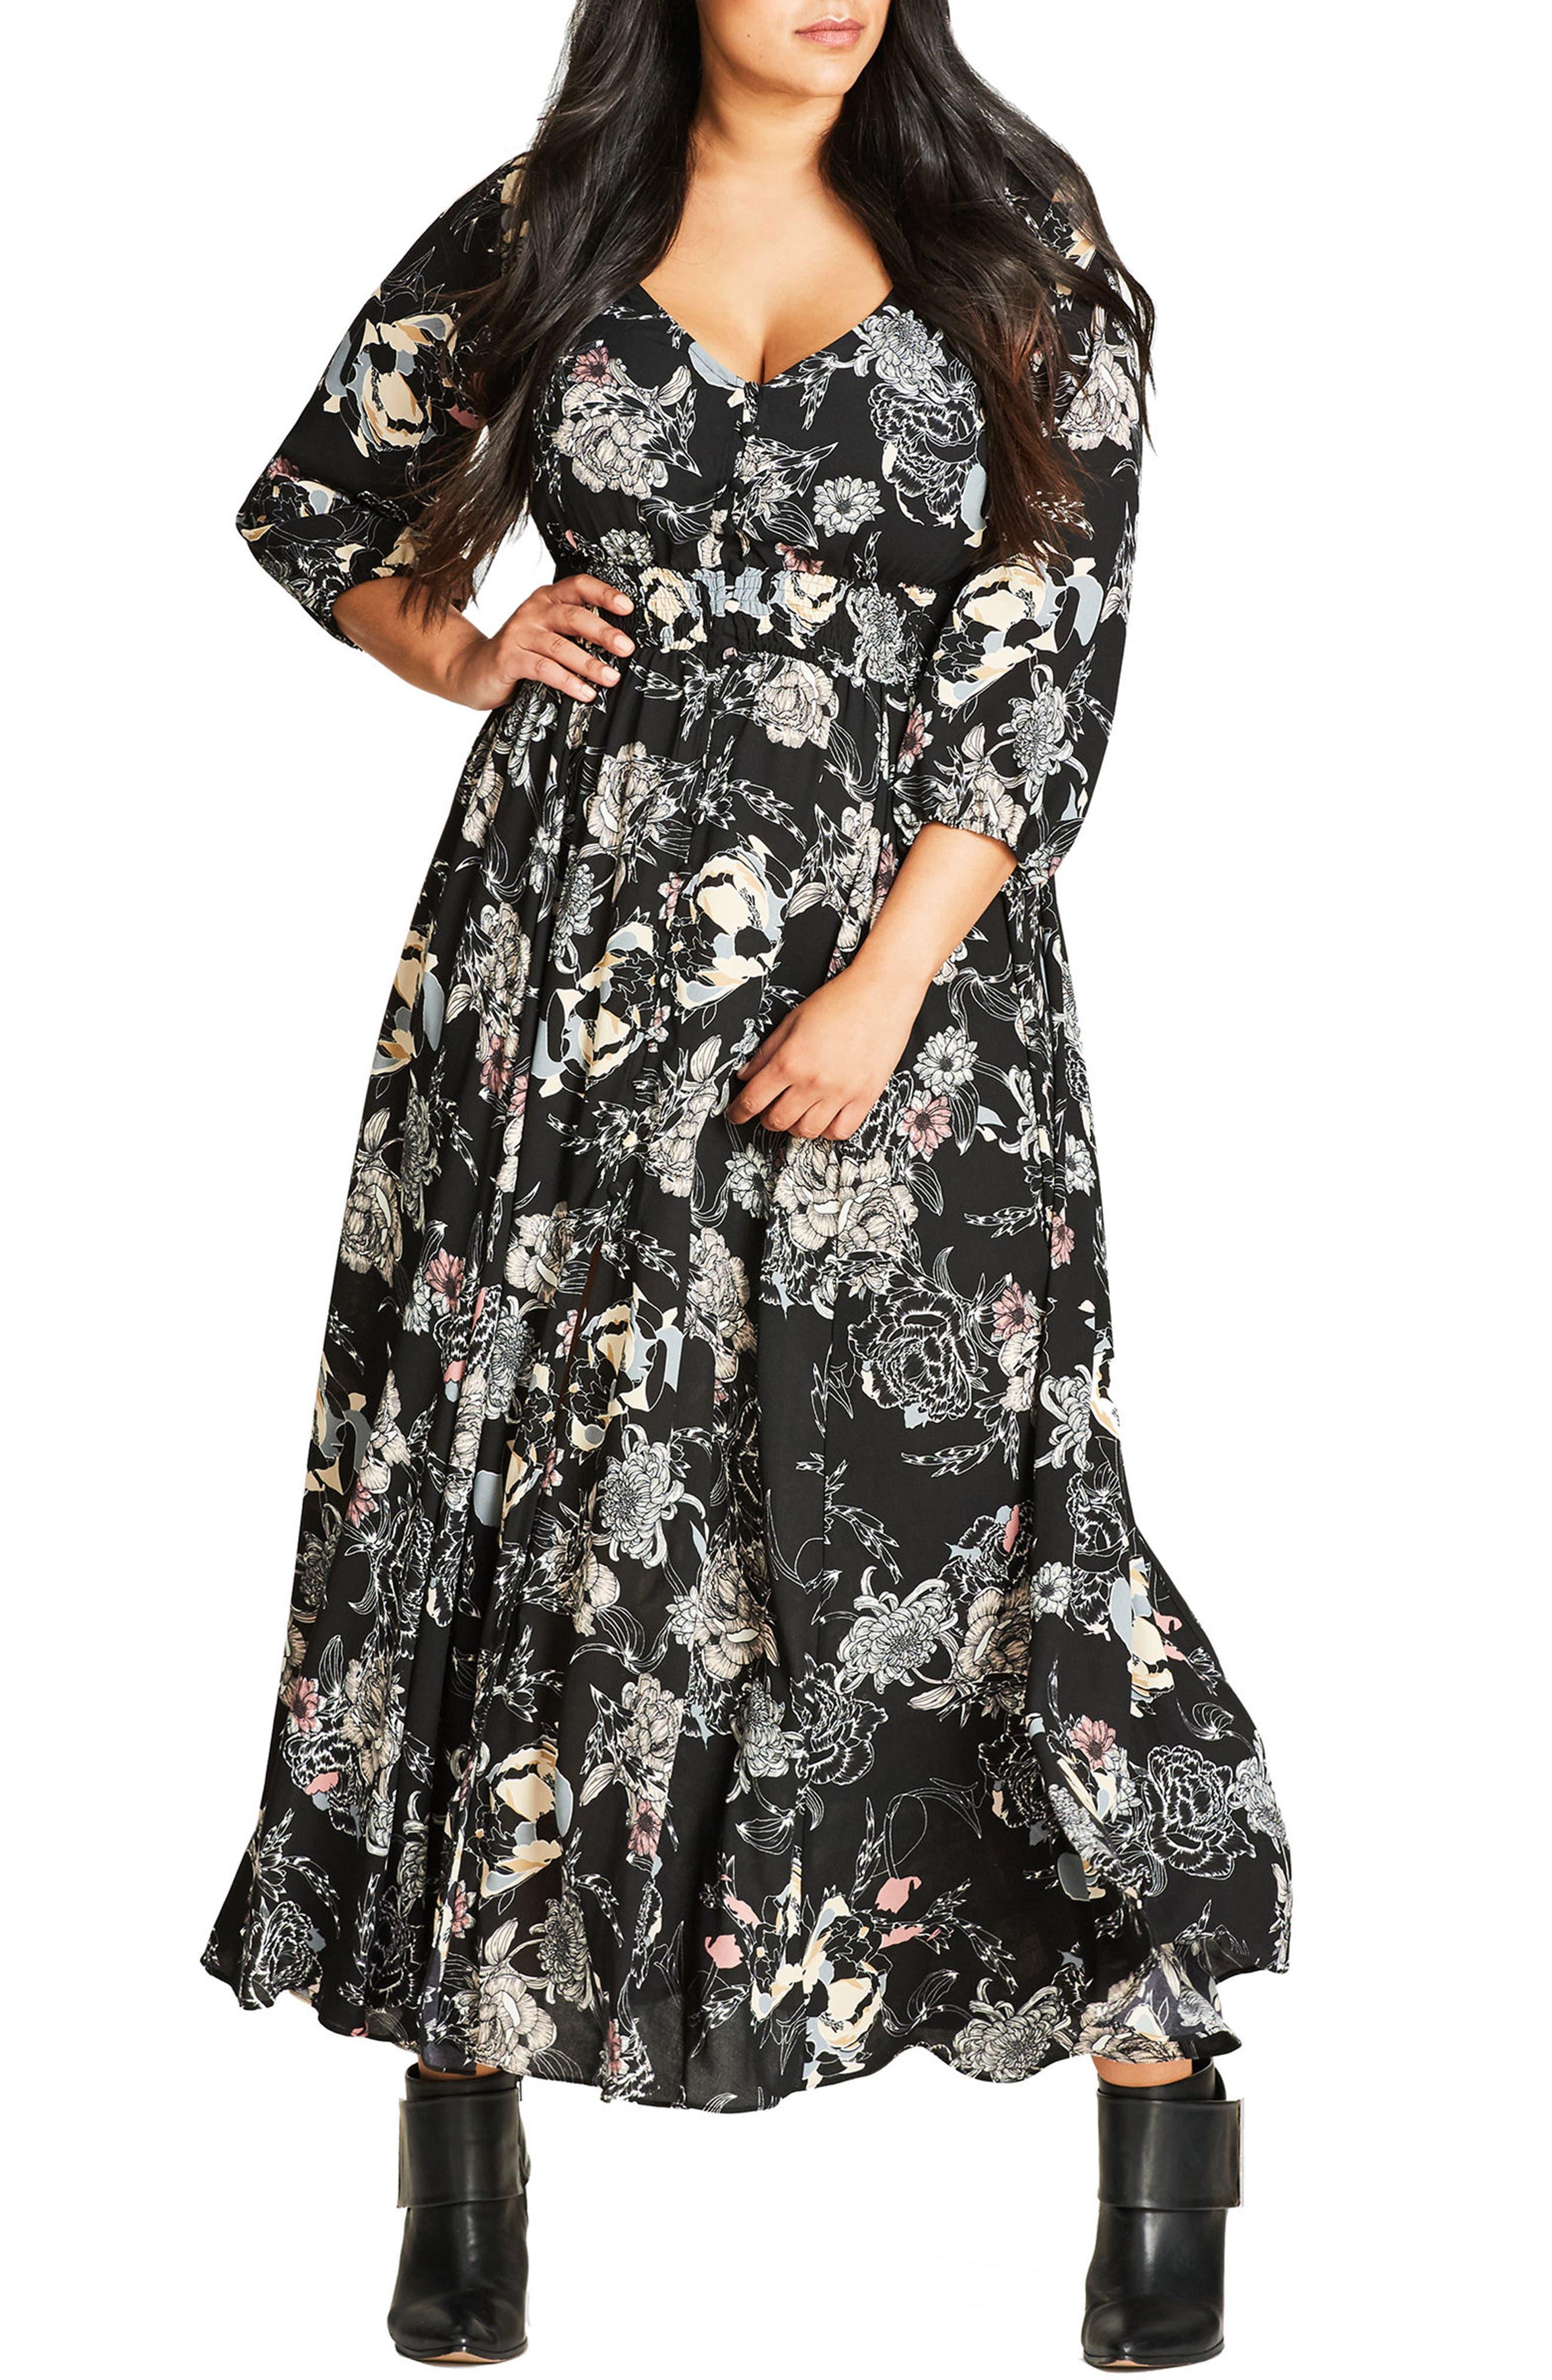 CITY CHIC Floral Maxi Dress, Main, color, 001